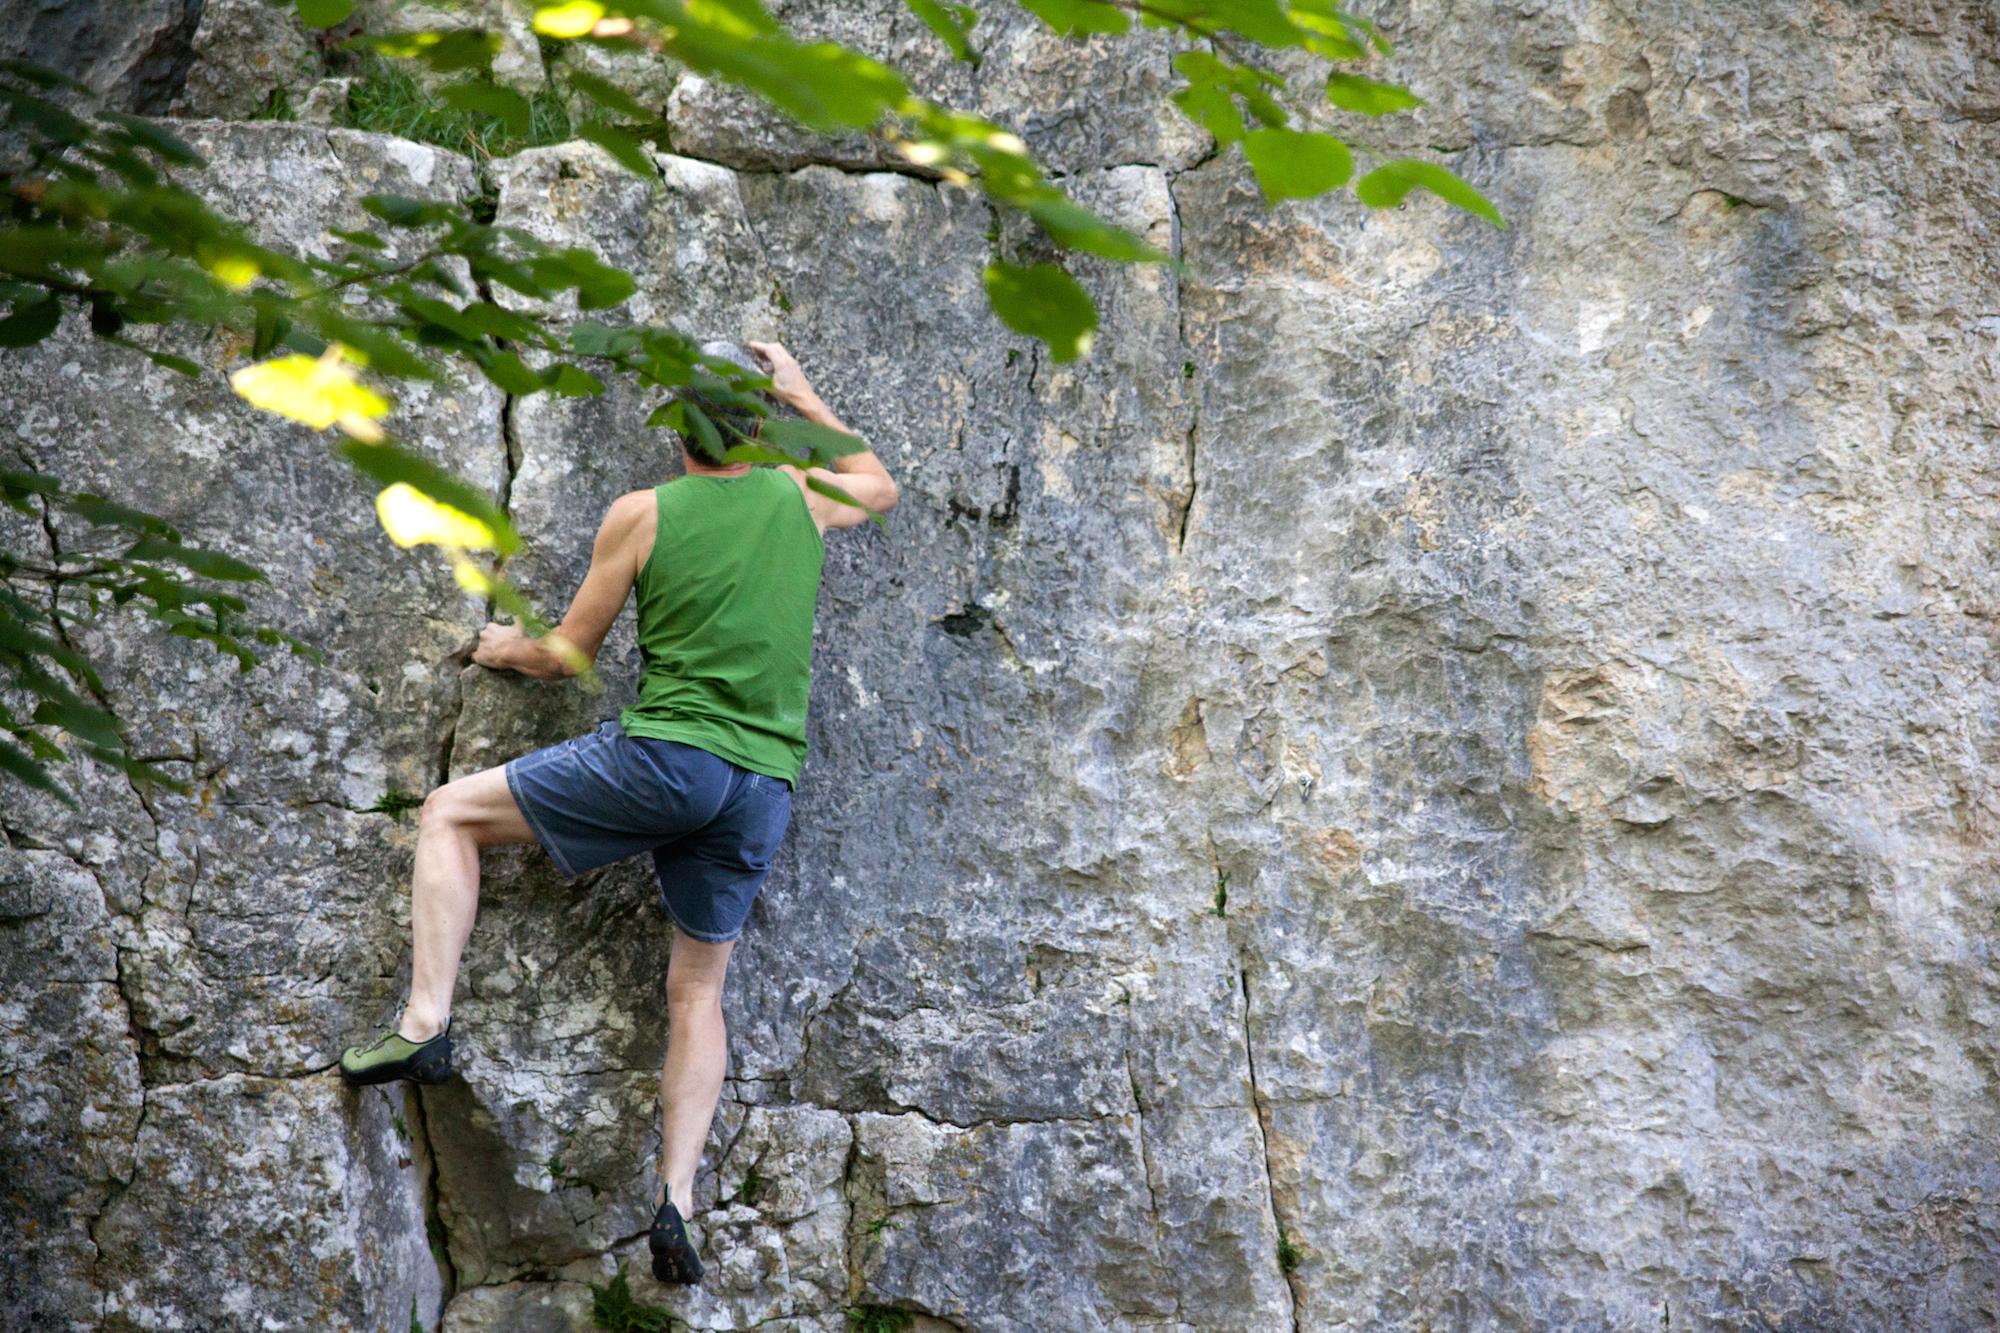 Richi Signer wiederholt auch nach bald 30 Jahren noch immer regelmässig die Boulder im Pelzli.